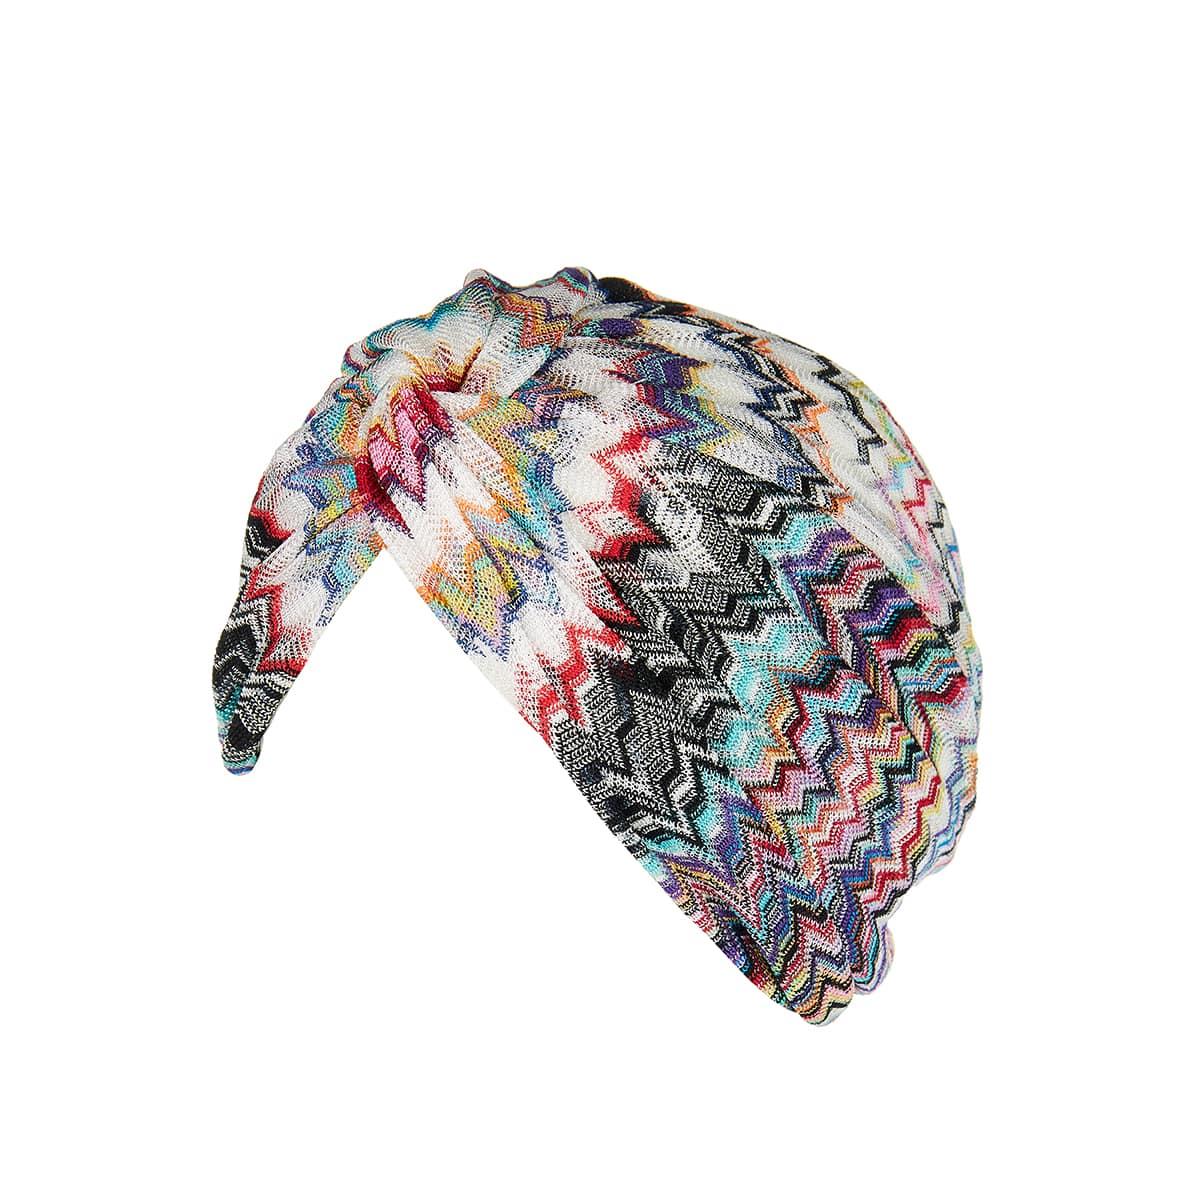 Chevron knit turban